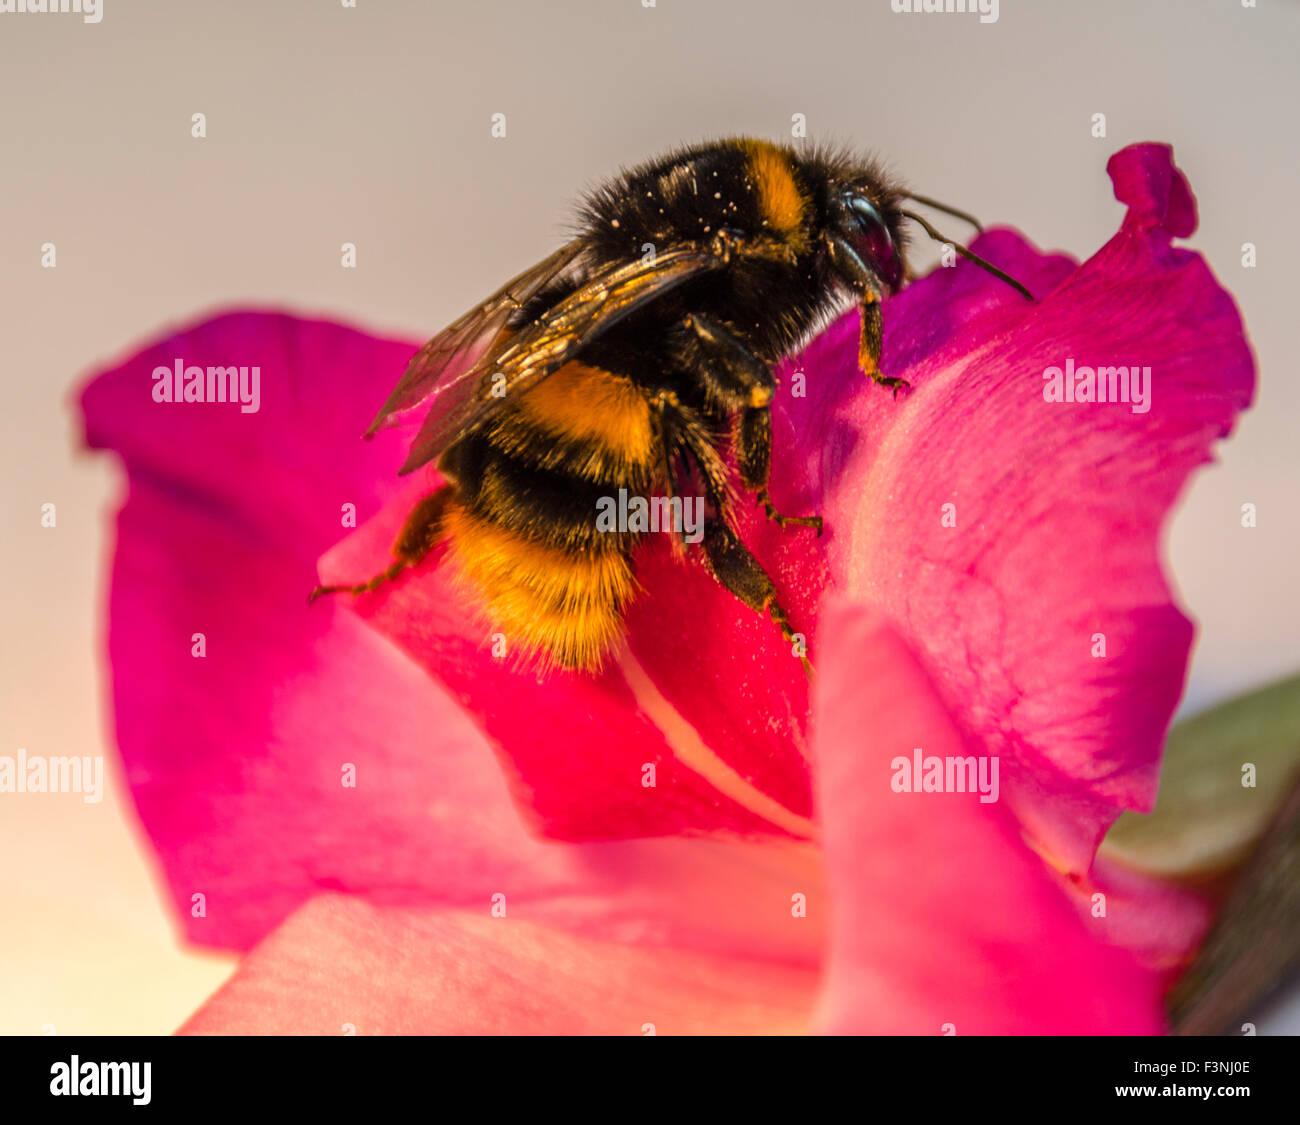 Makro Nahaufnahme von Biene auf rosa Petunien Blume Stockbild